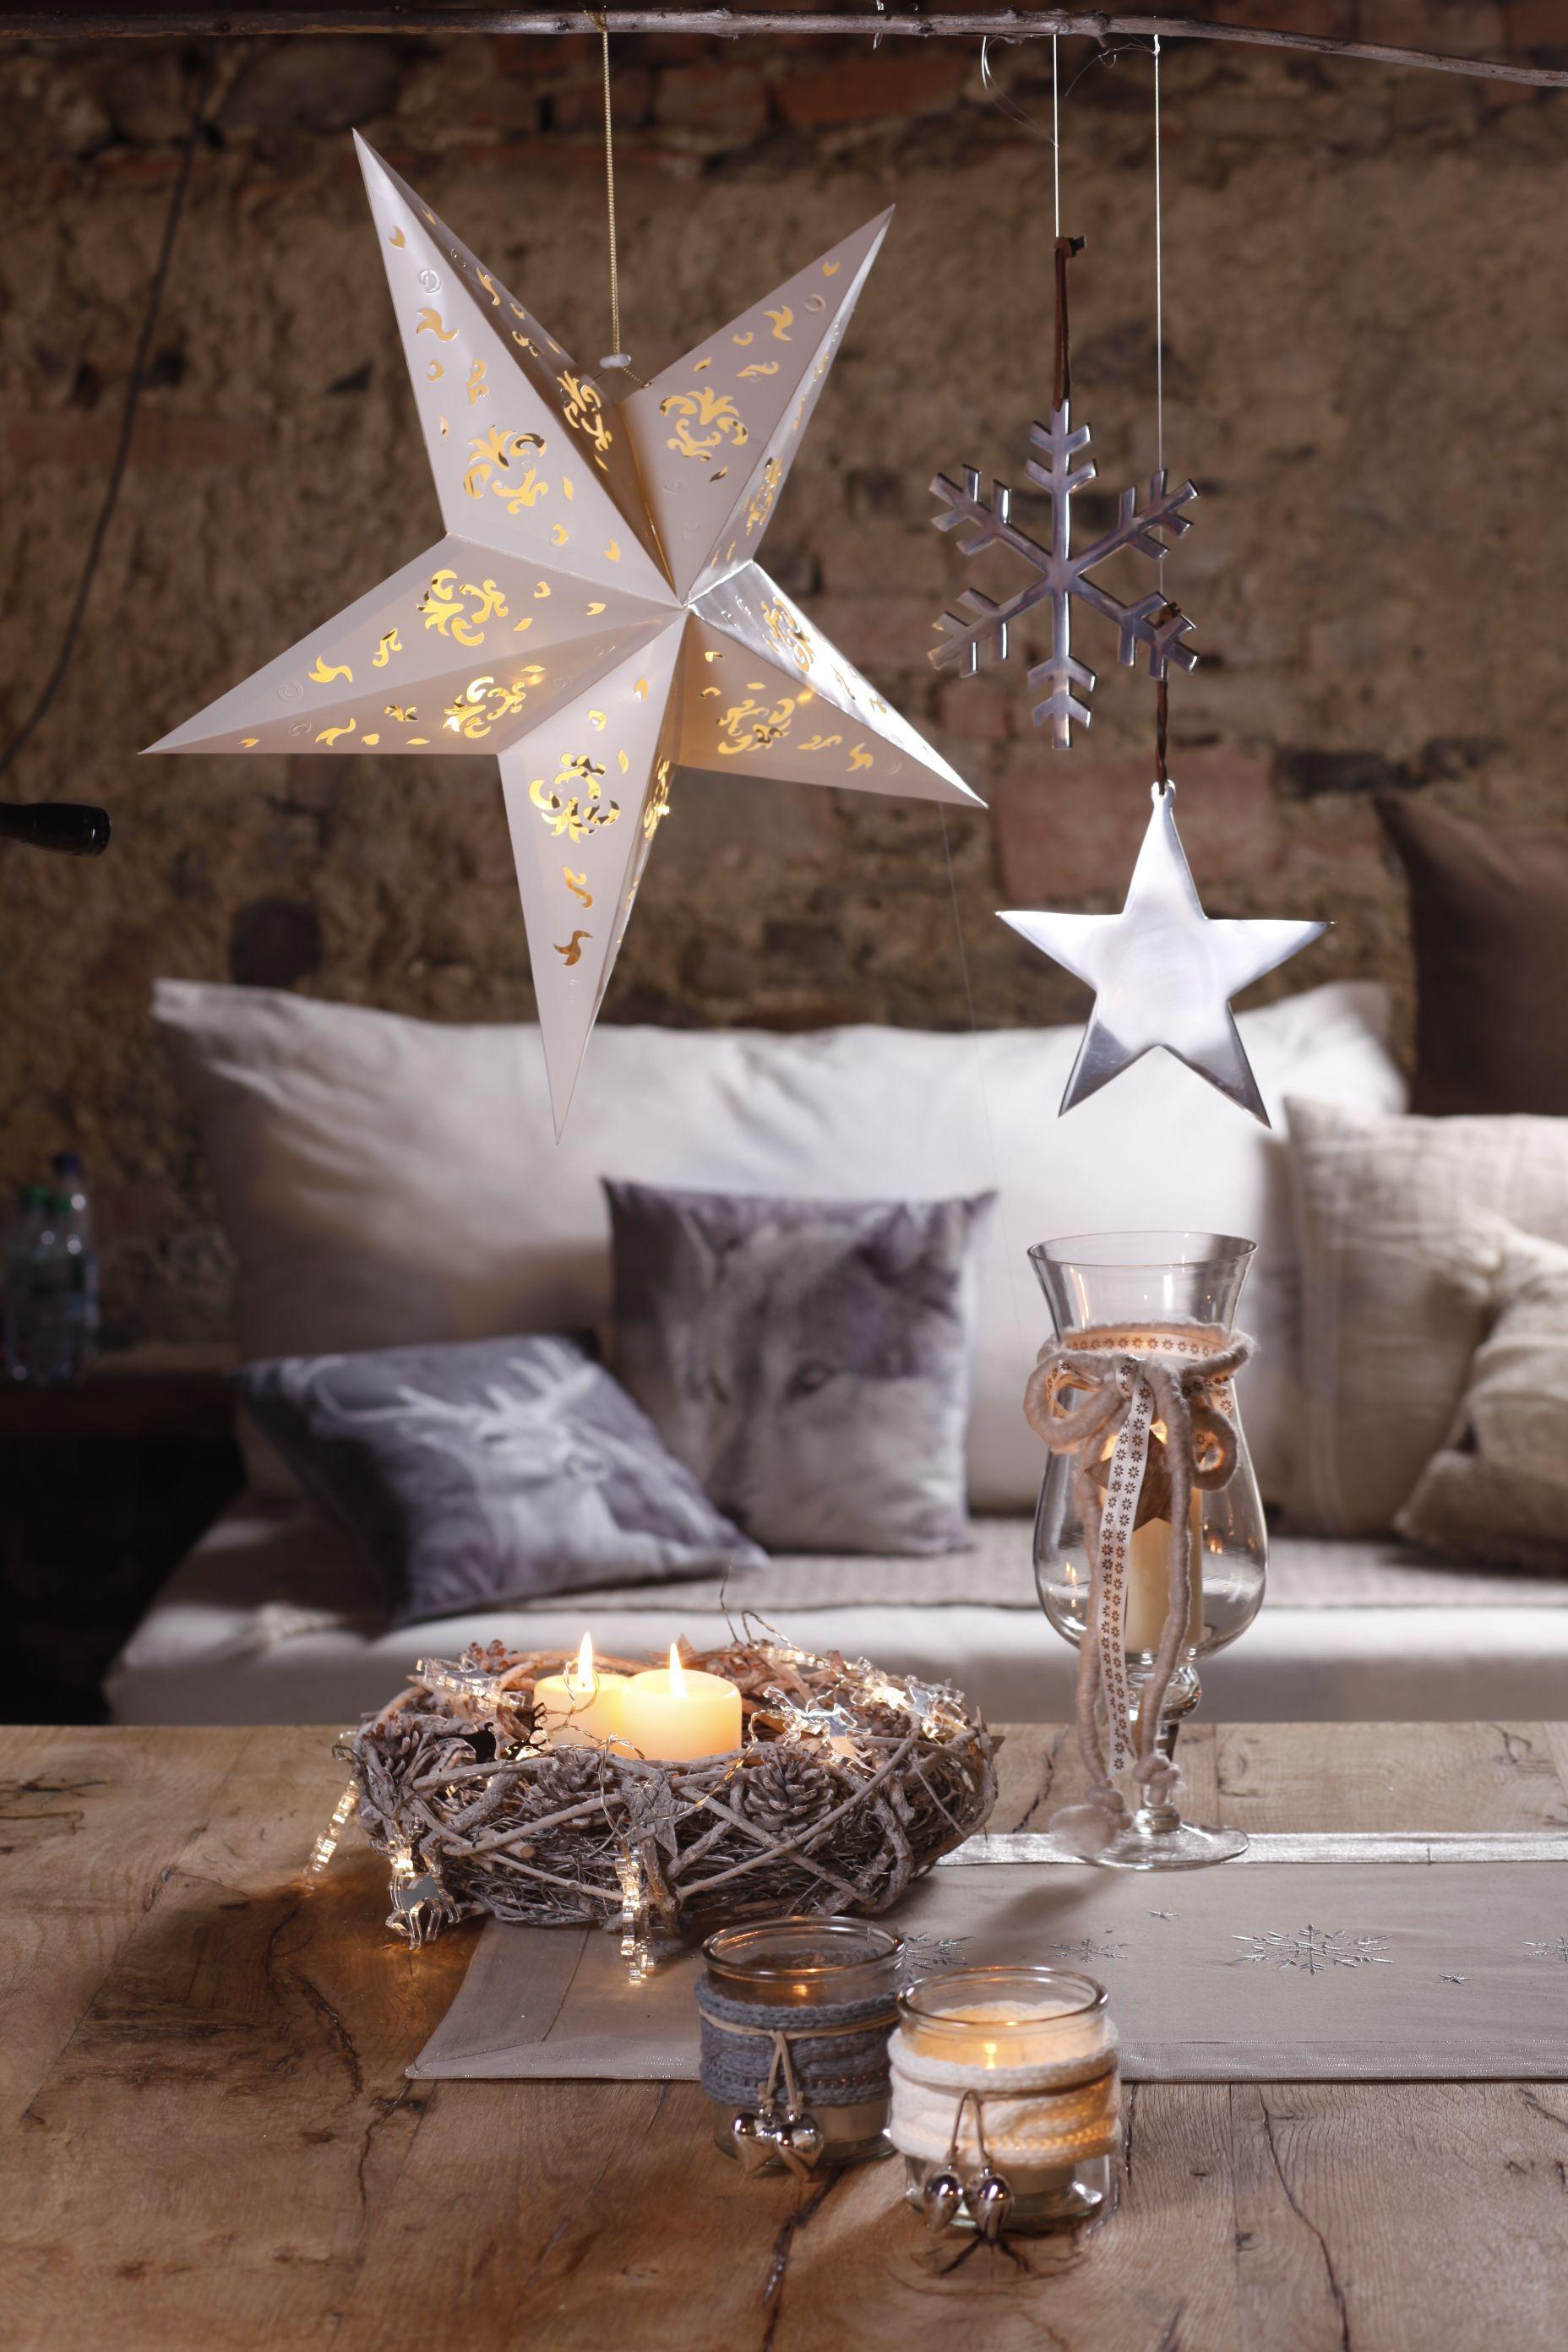 Schöne Deko-Ideen für eine zauberhafte Weihnachtszeit gibt es jetzt ...